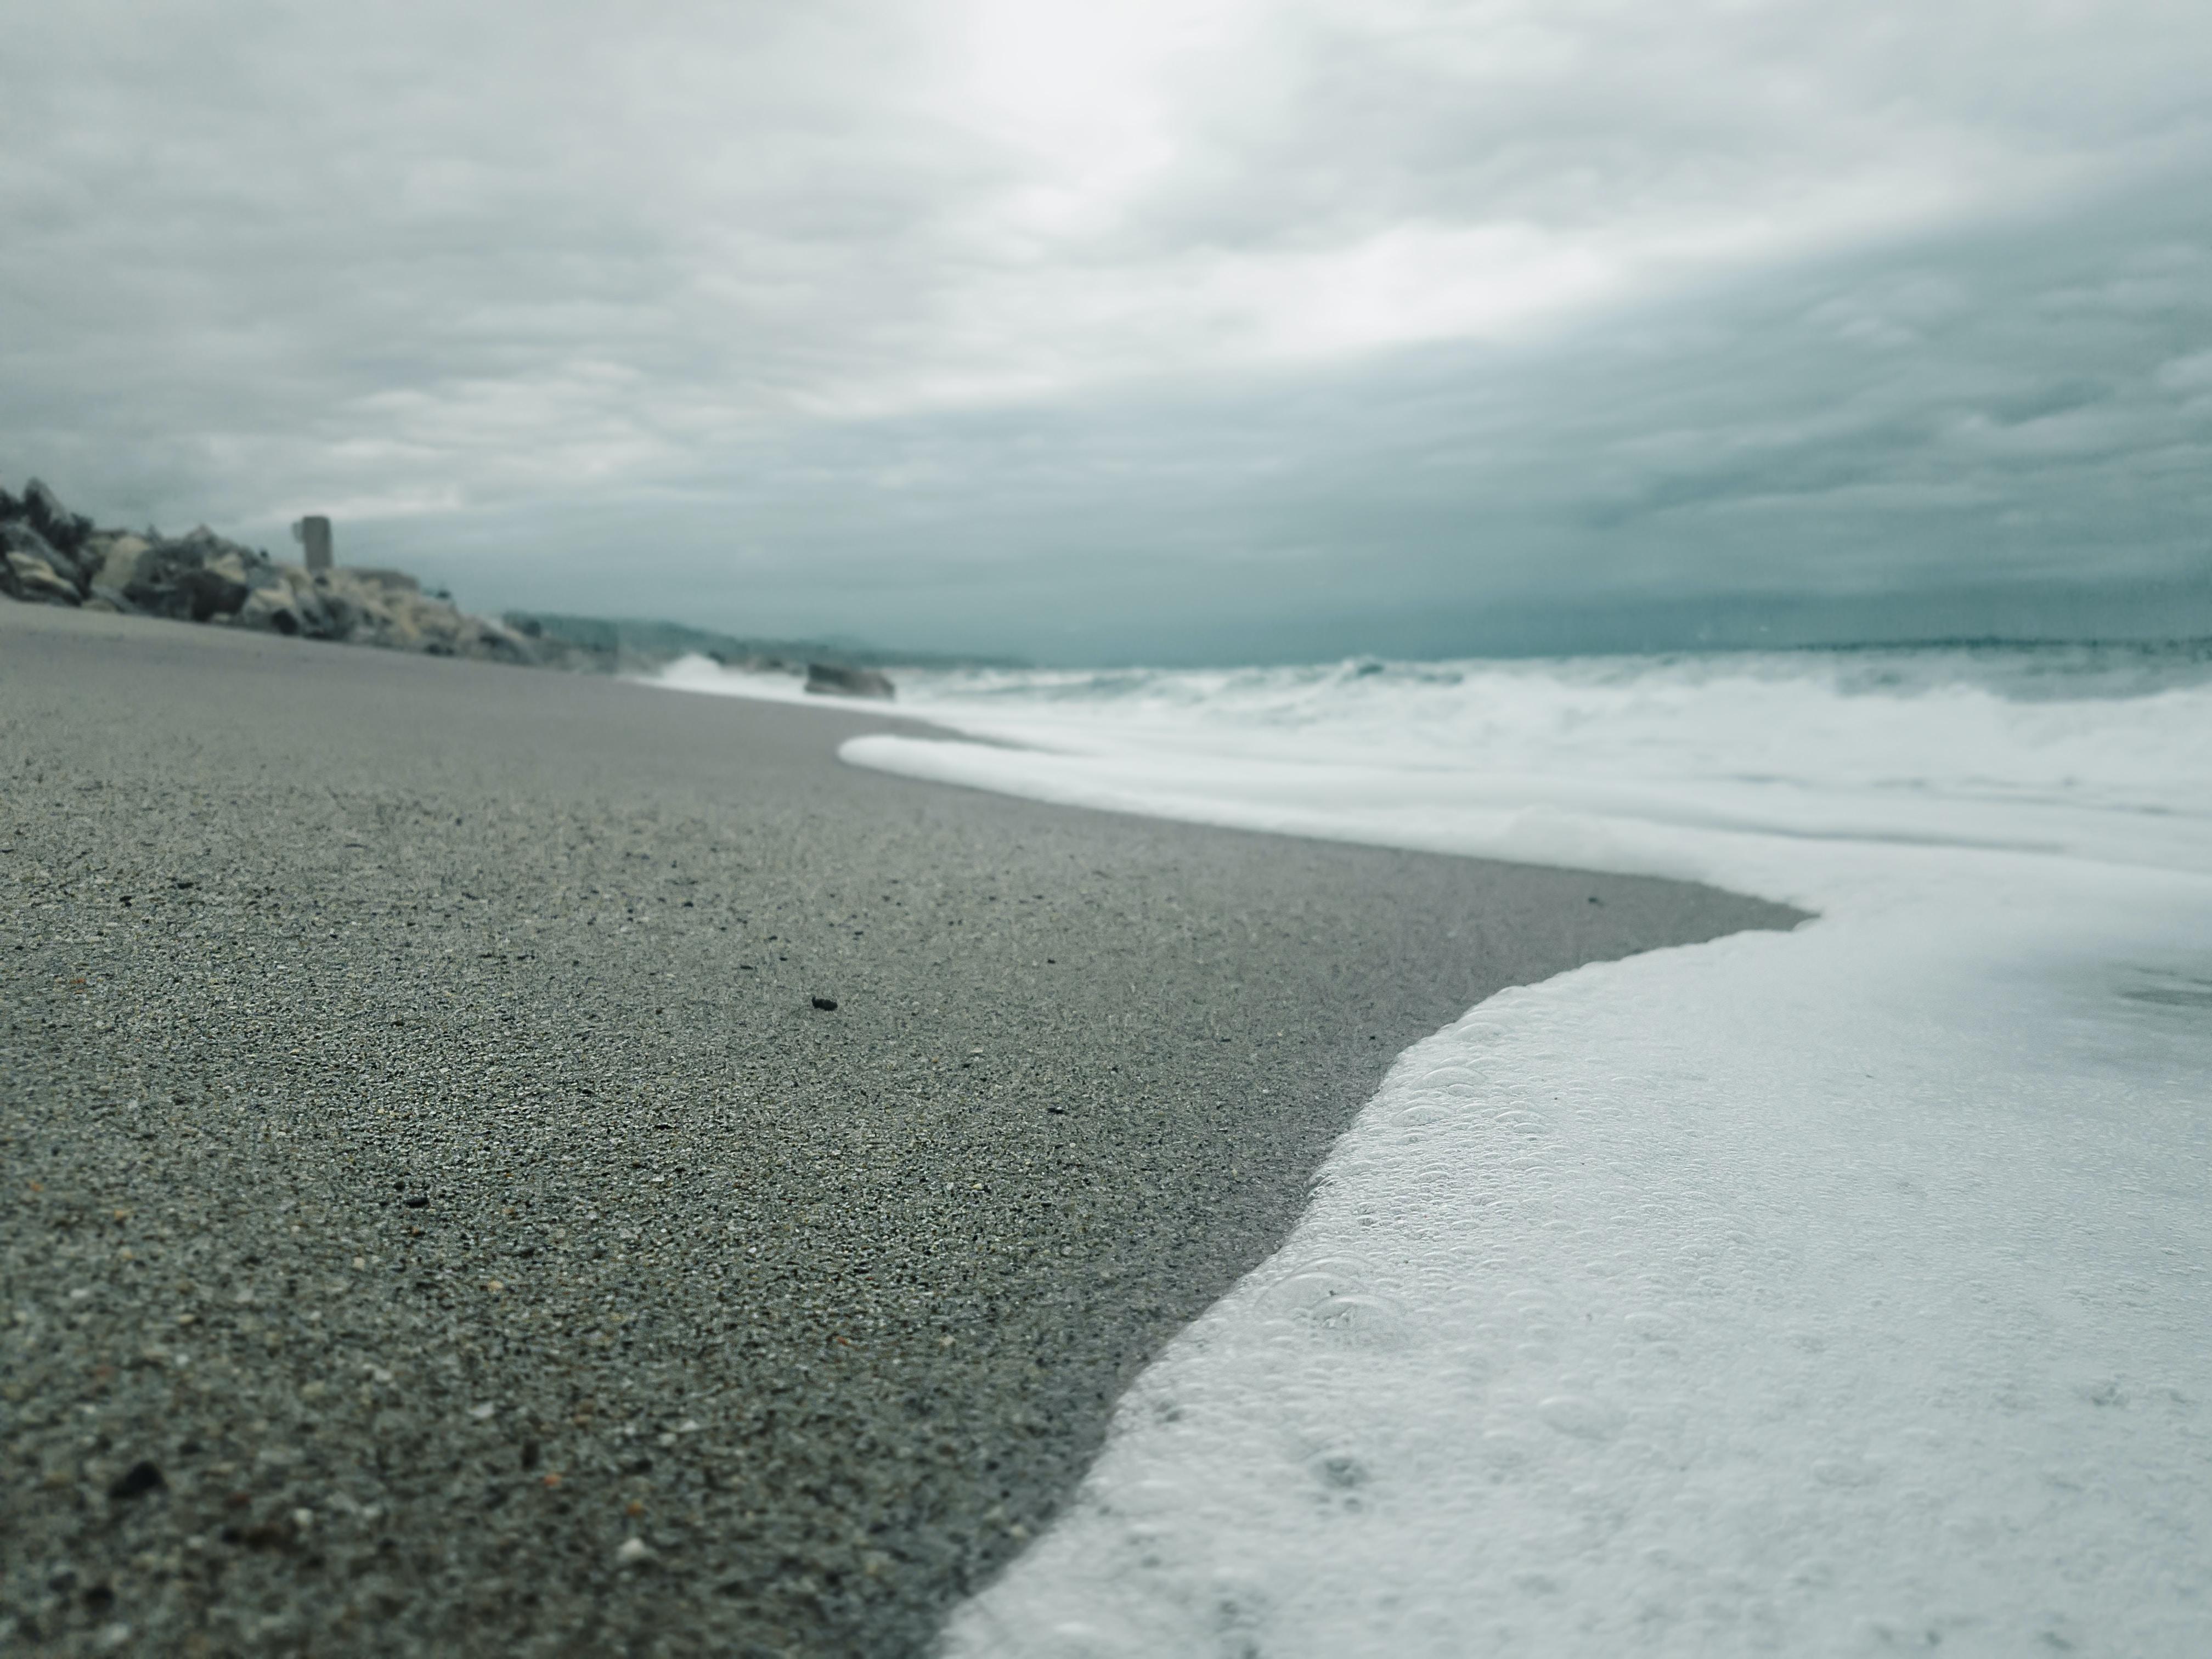 Ocean foam washing on a fine dark sand beach